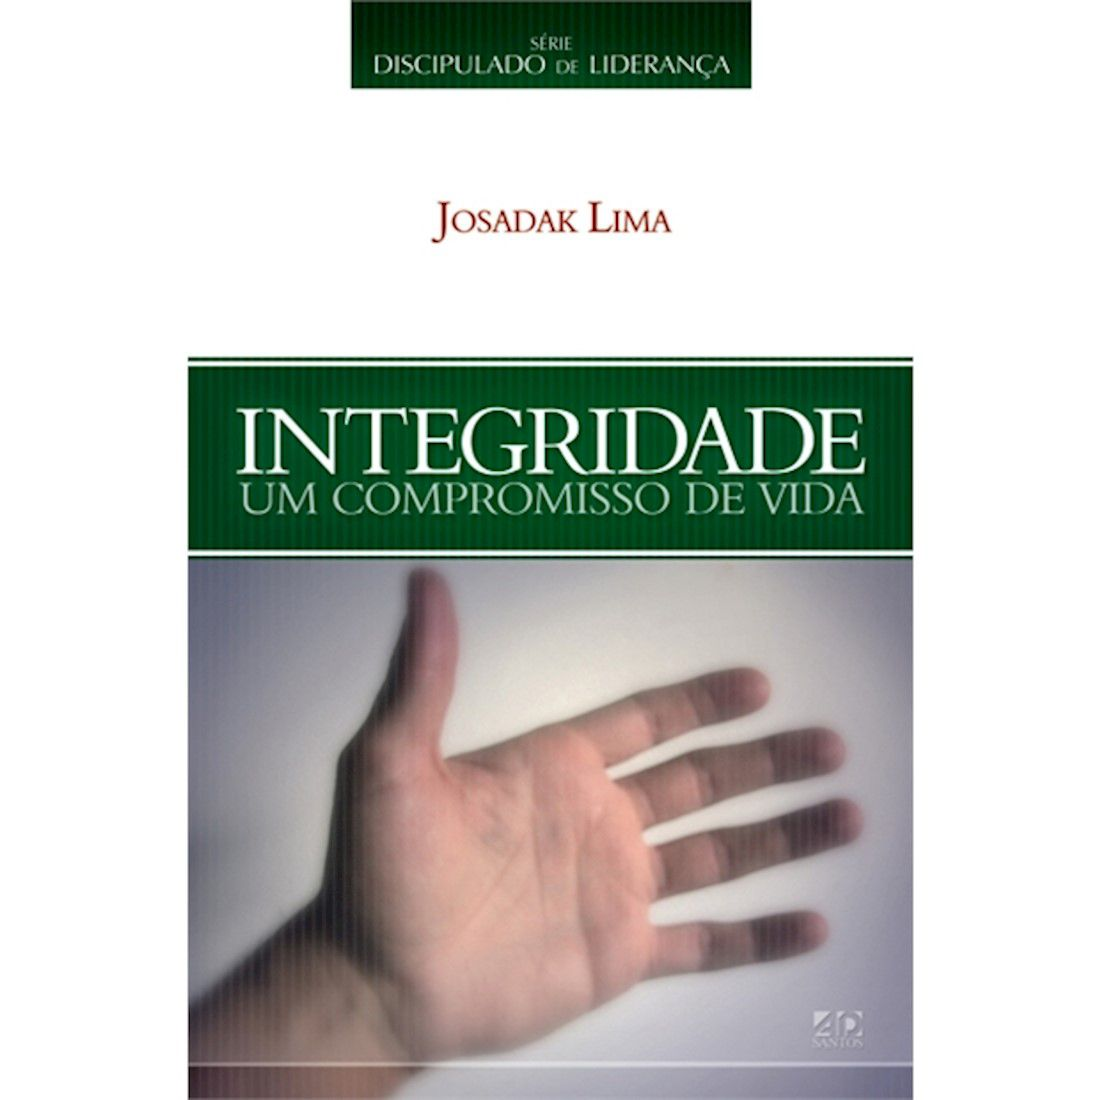 Livro Integridade | Série Discipulado de Liderança